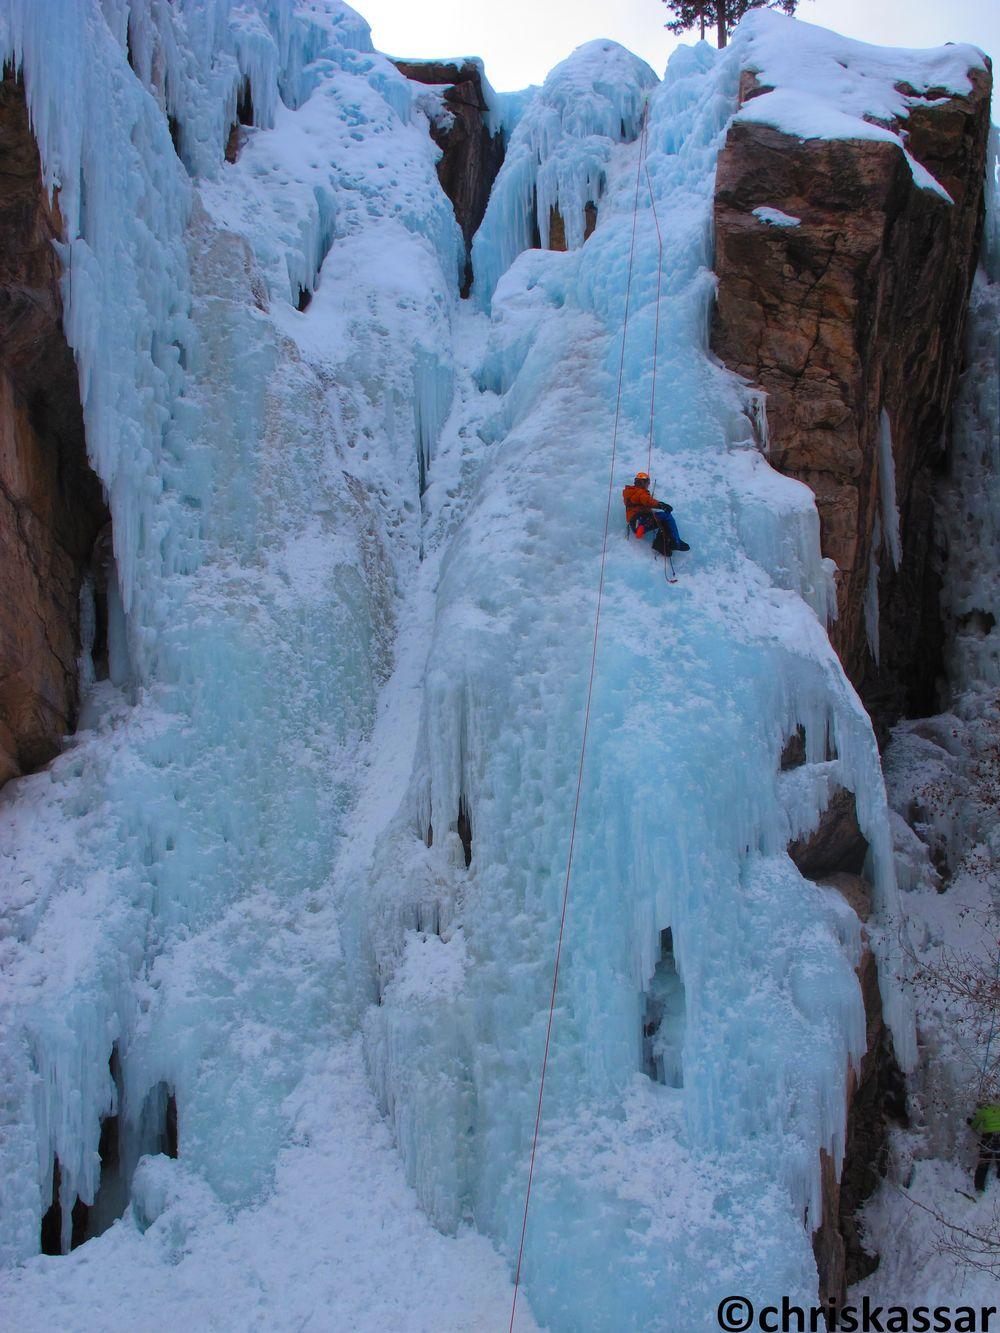 Kassar_Sean_Oneill_climbing.jpg